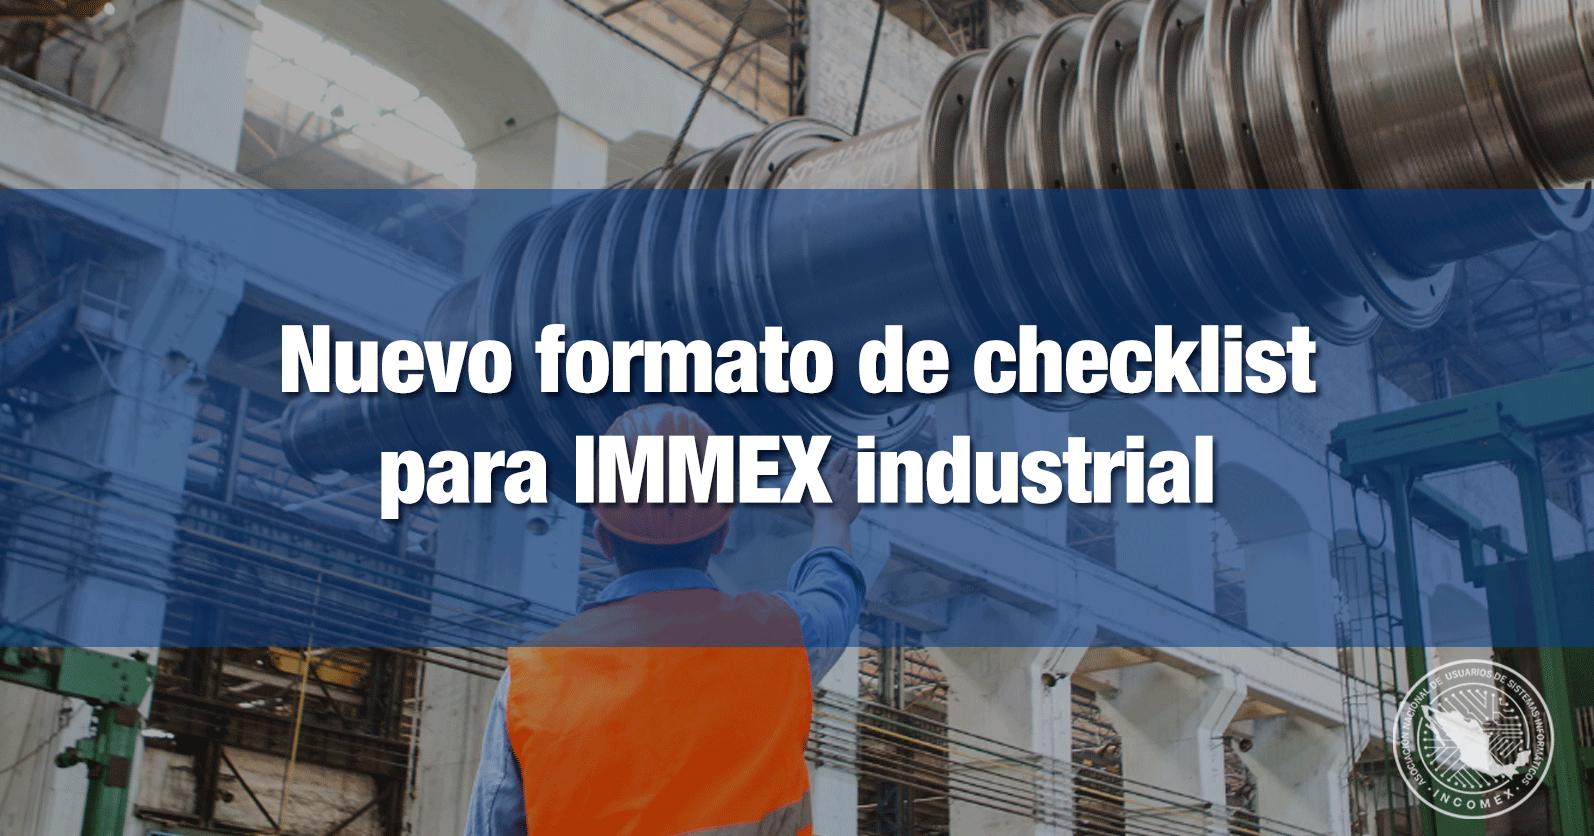 Nuevo formato de checklist para IMMEX industrial